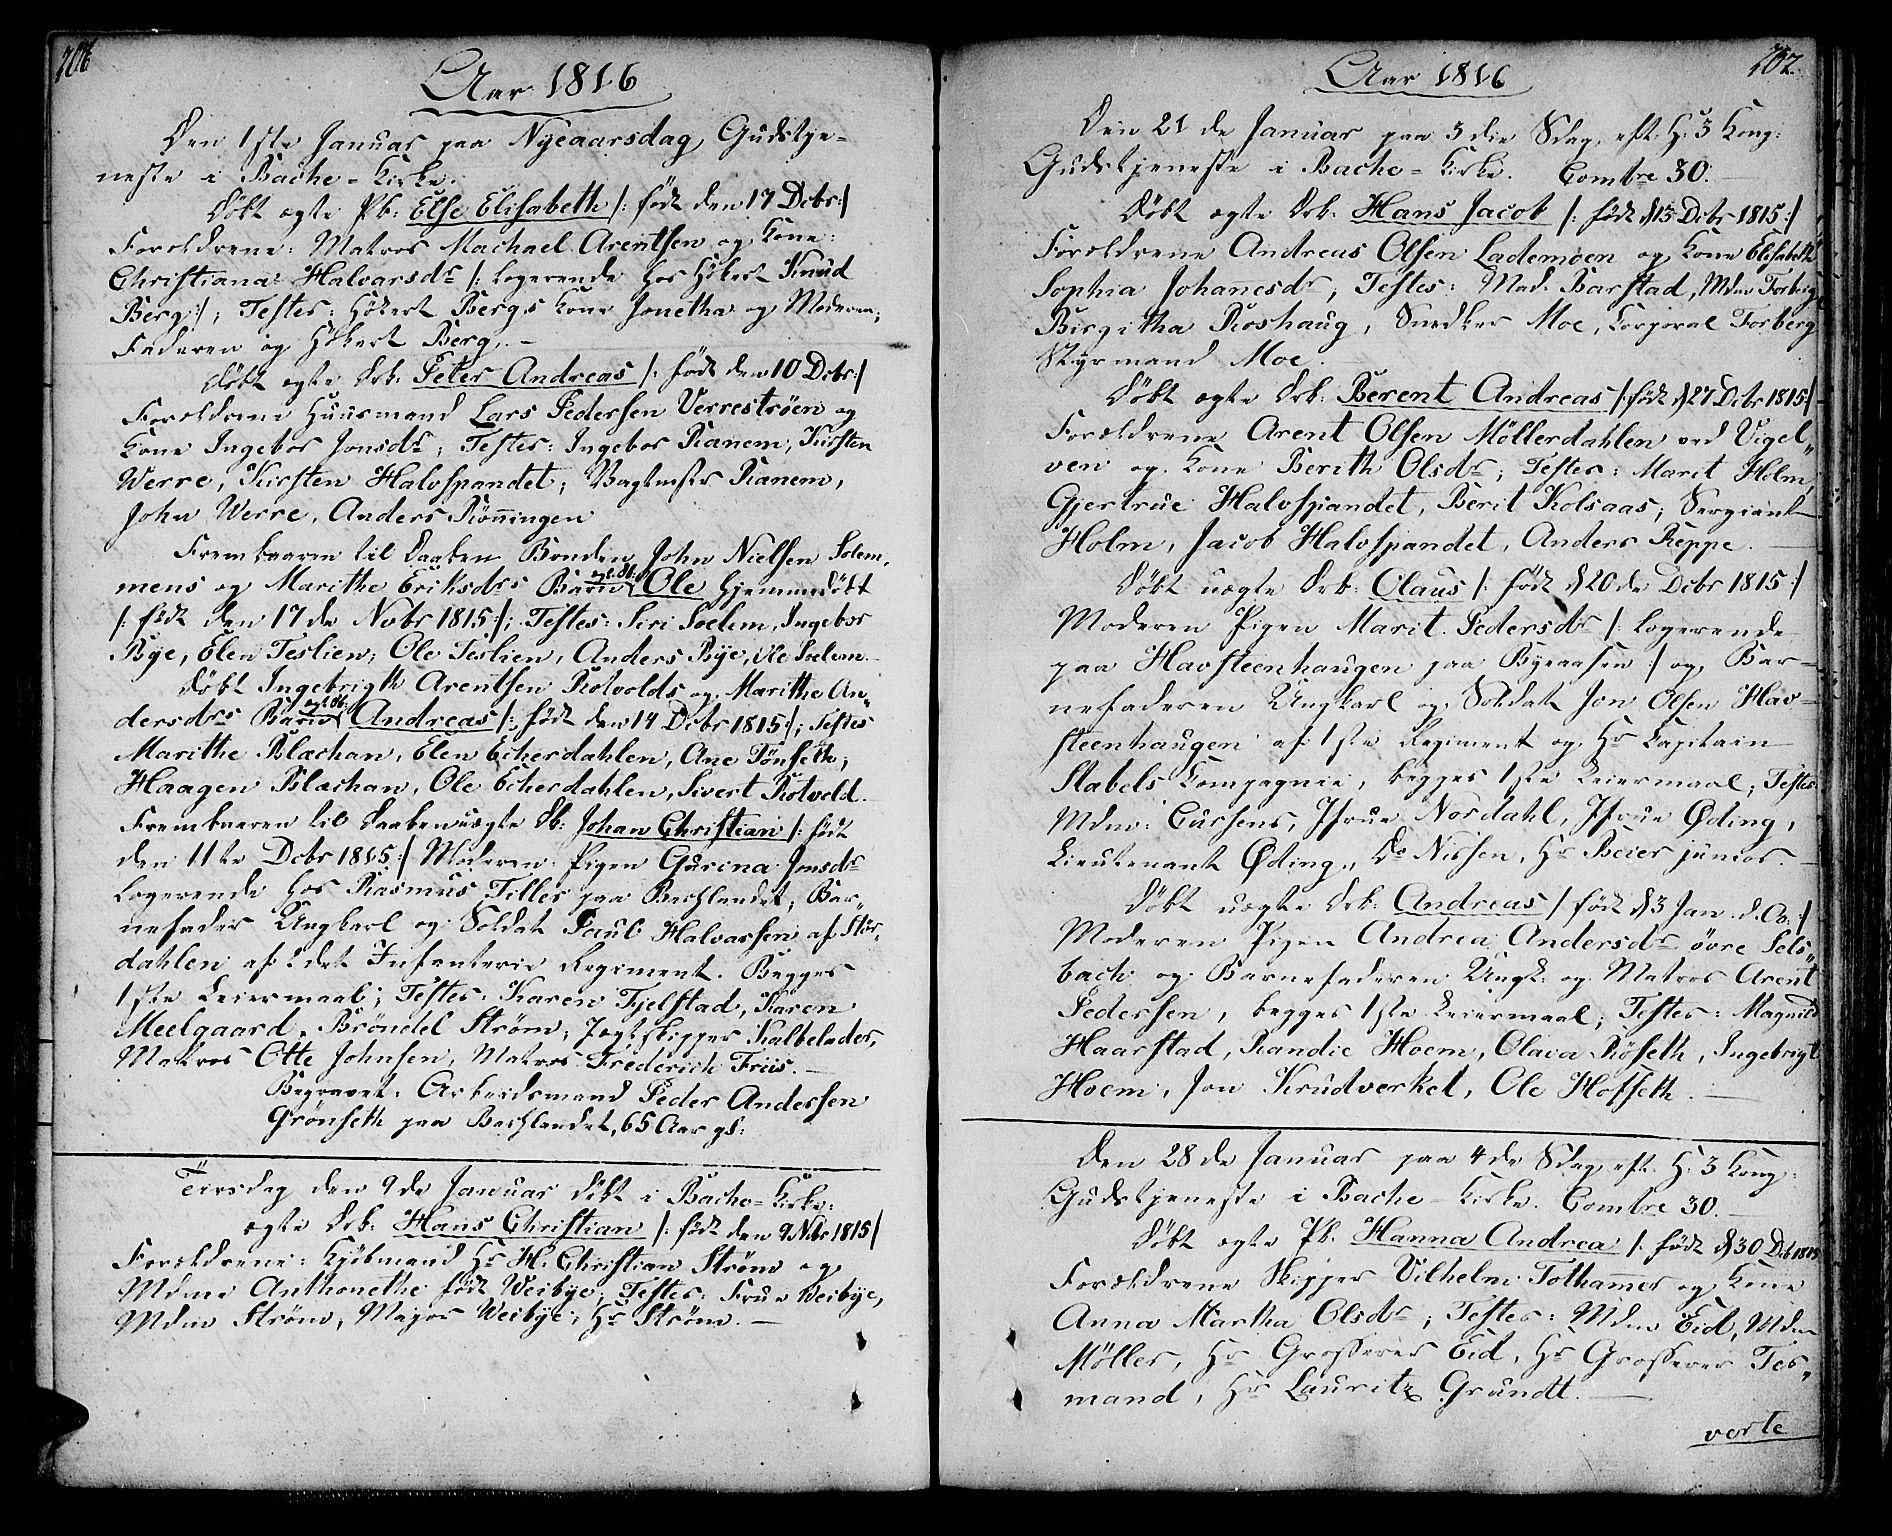 SAT, Ministerialprotokoller, klokkerbøker og fødselsregistre - Sør-Trøndelag, 604/L0181: Ministerialbok nr. 604A02, 1798-1817, s. 206-207